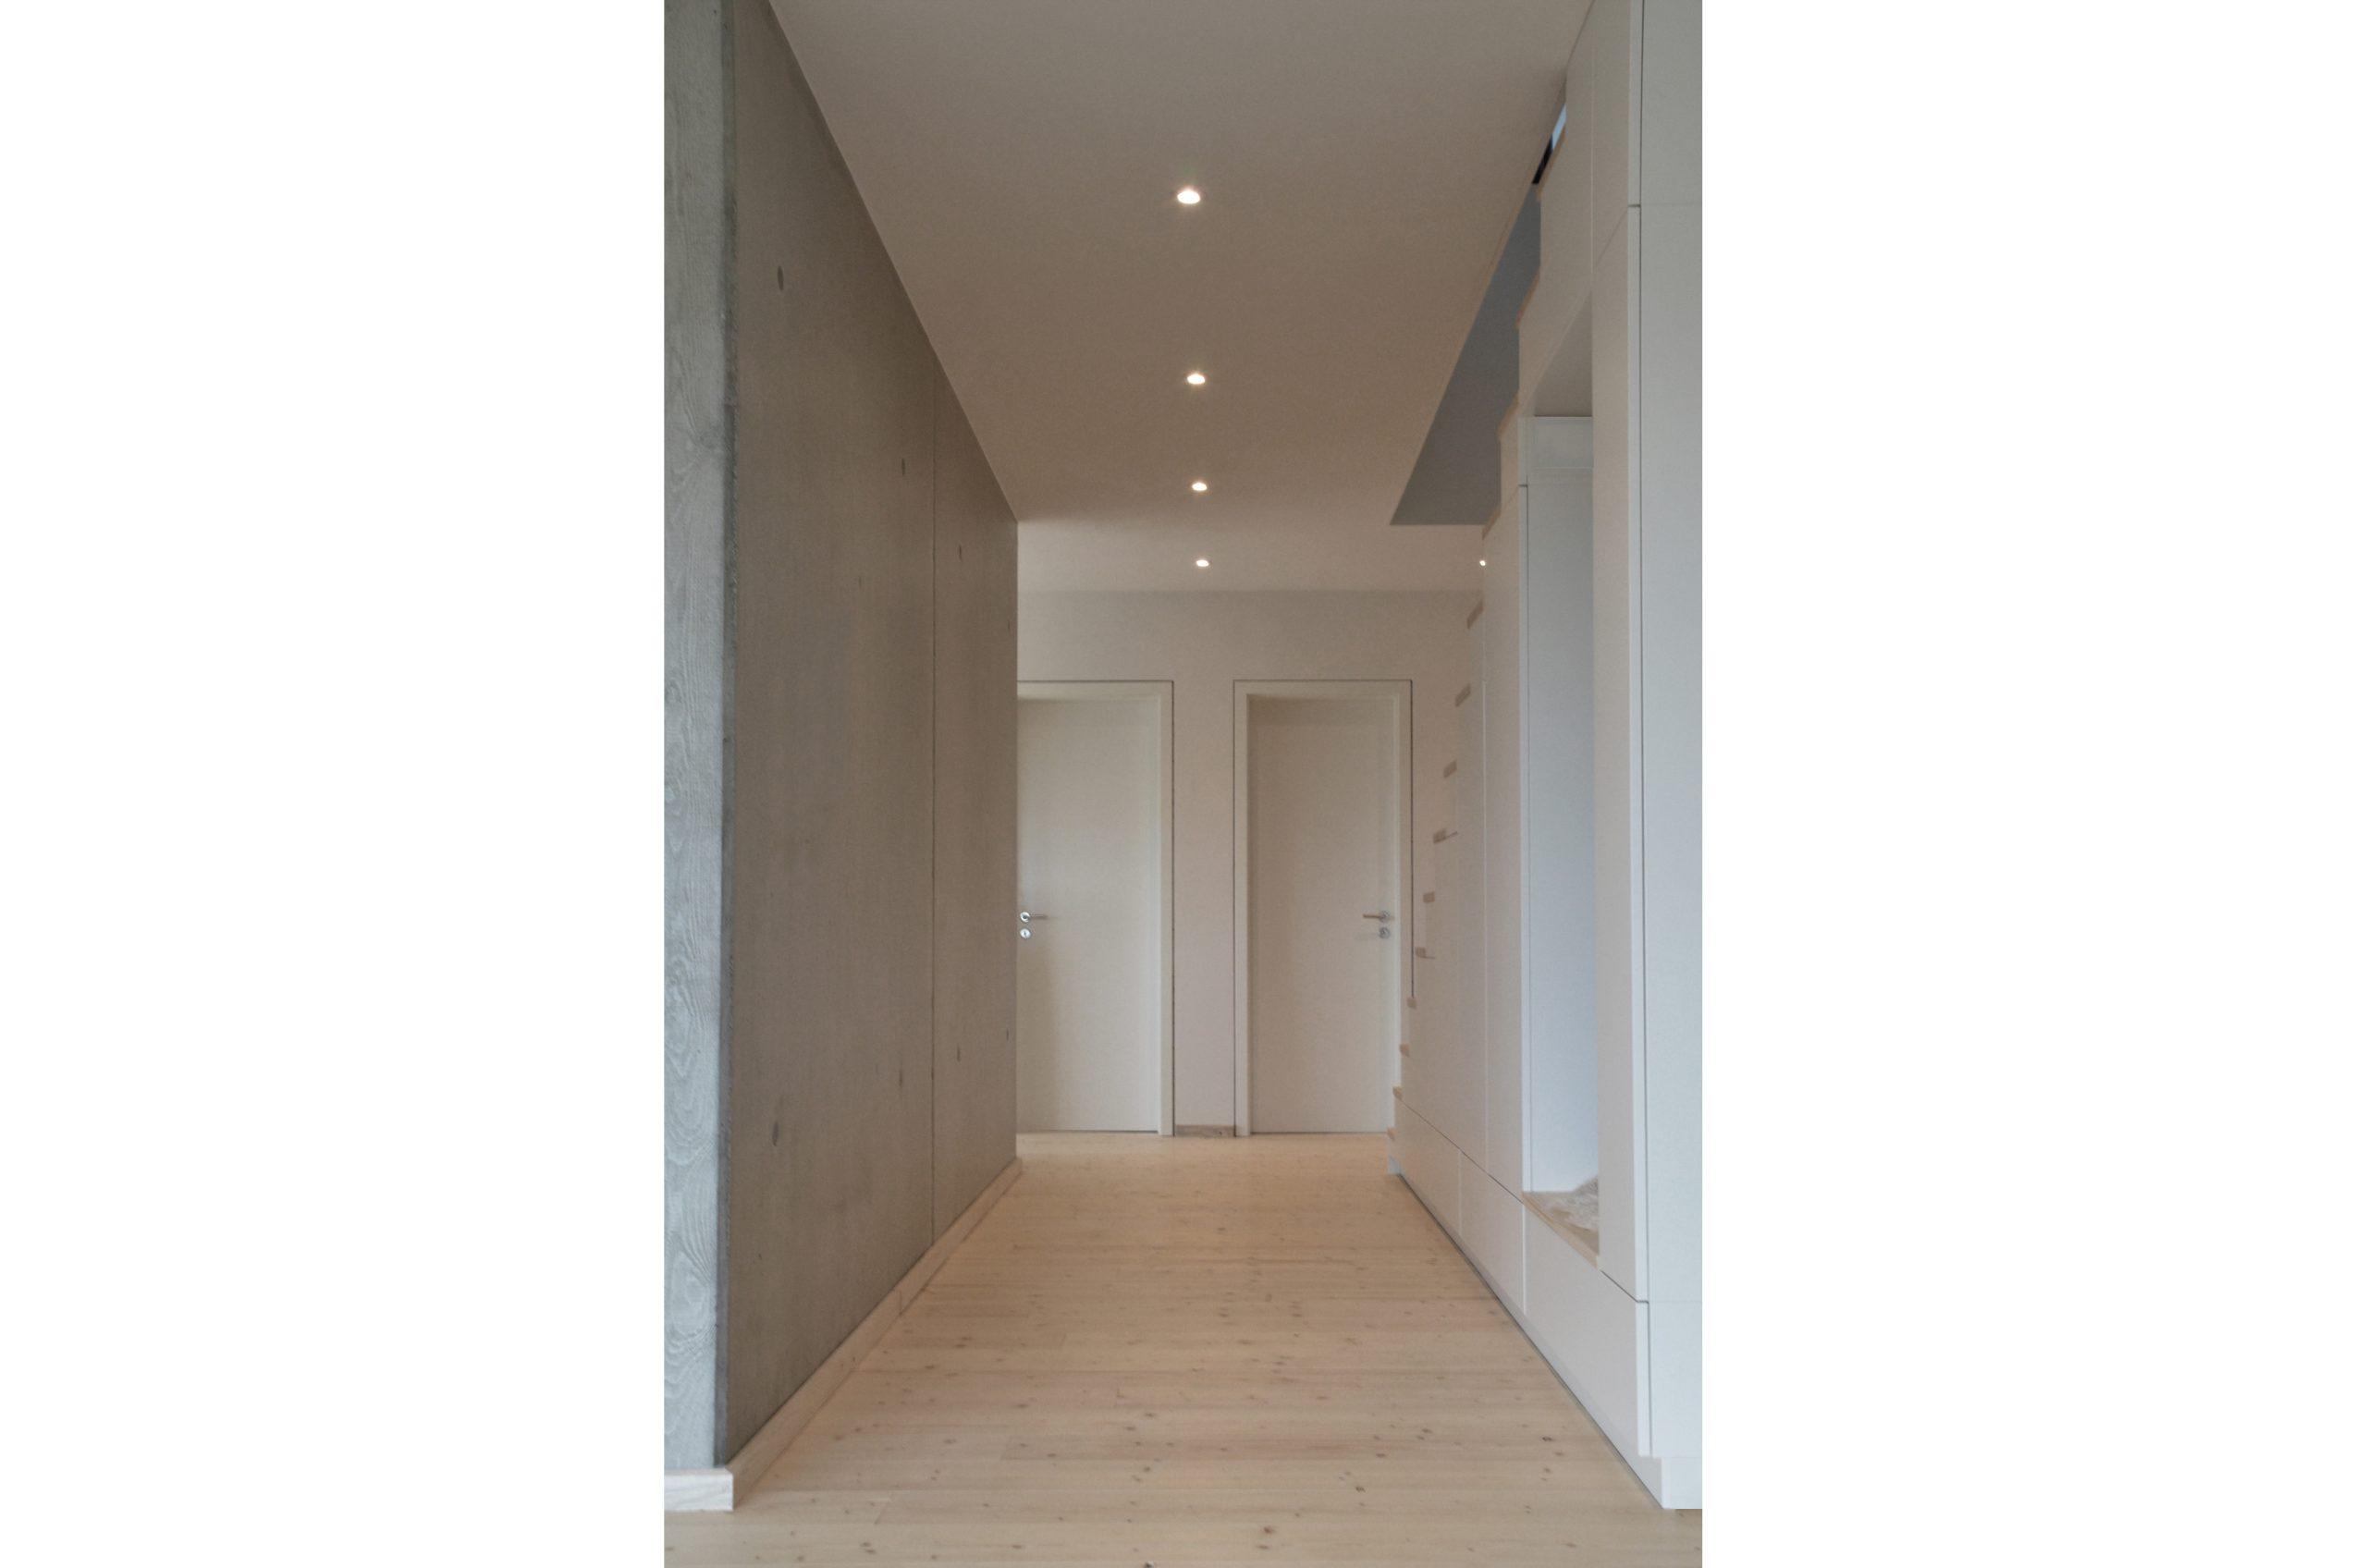 jacob-mayer-voigt-architekt-interior-design-architektur-holzhaus-design-minimalismus-flur